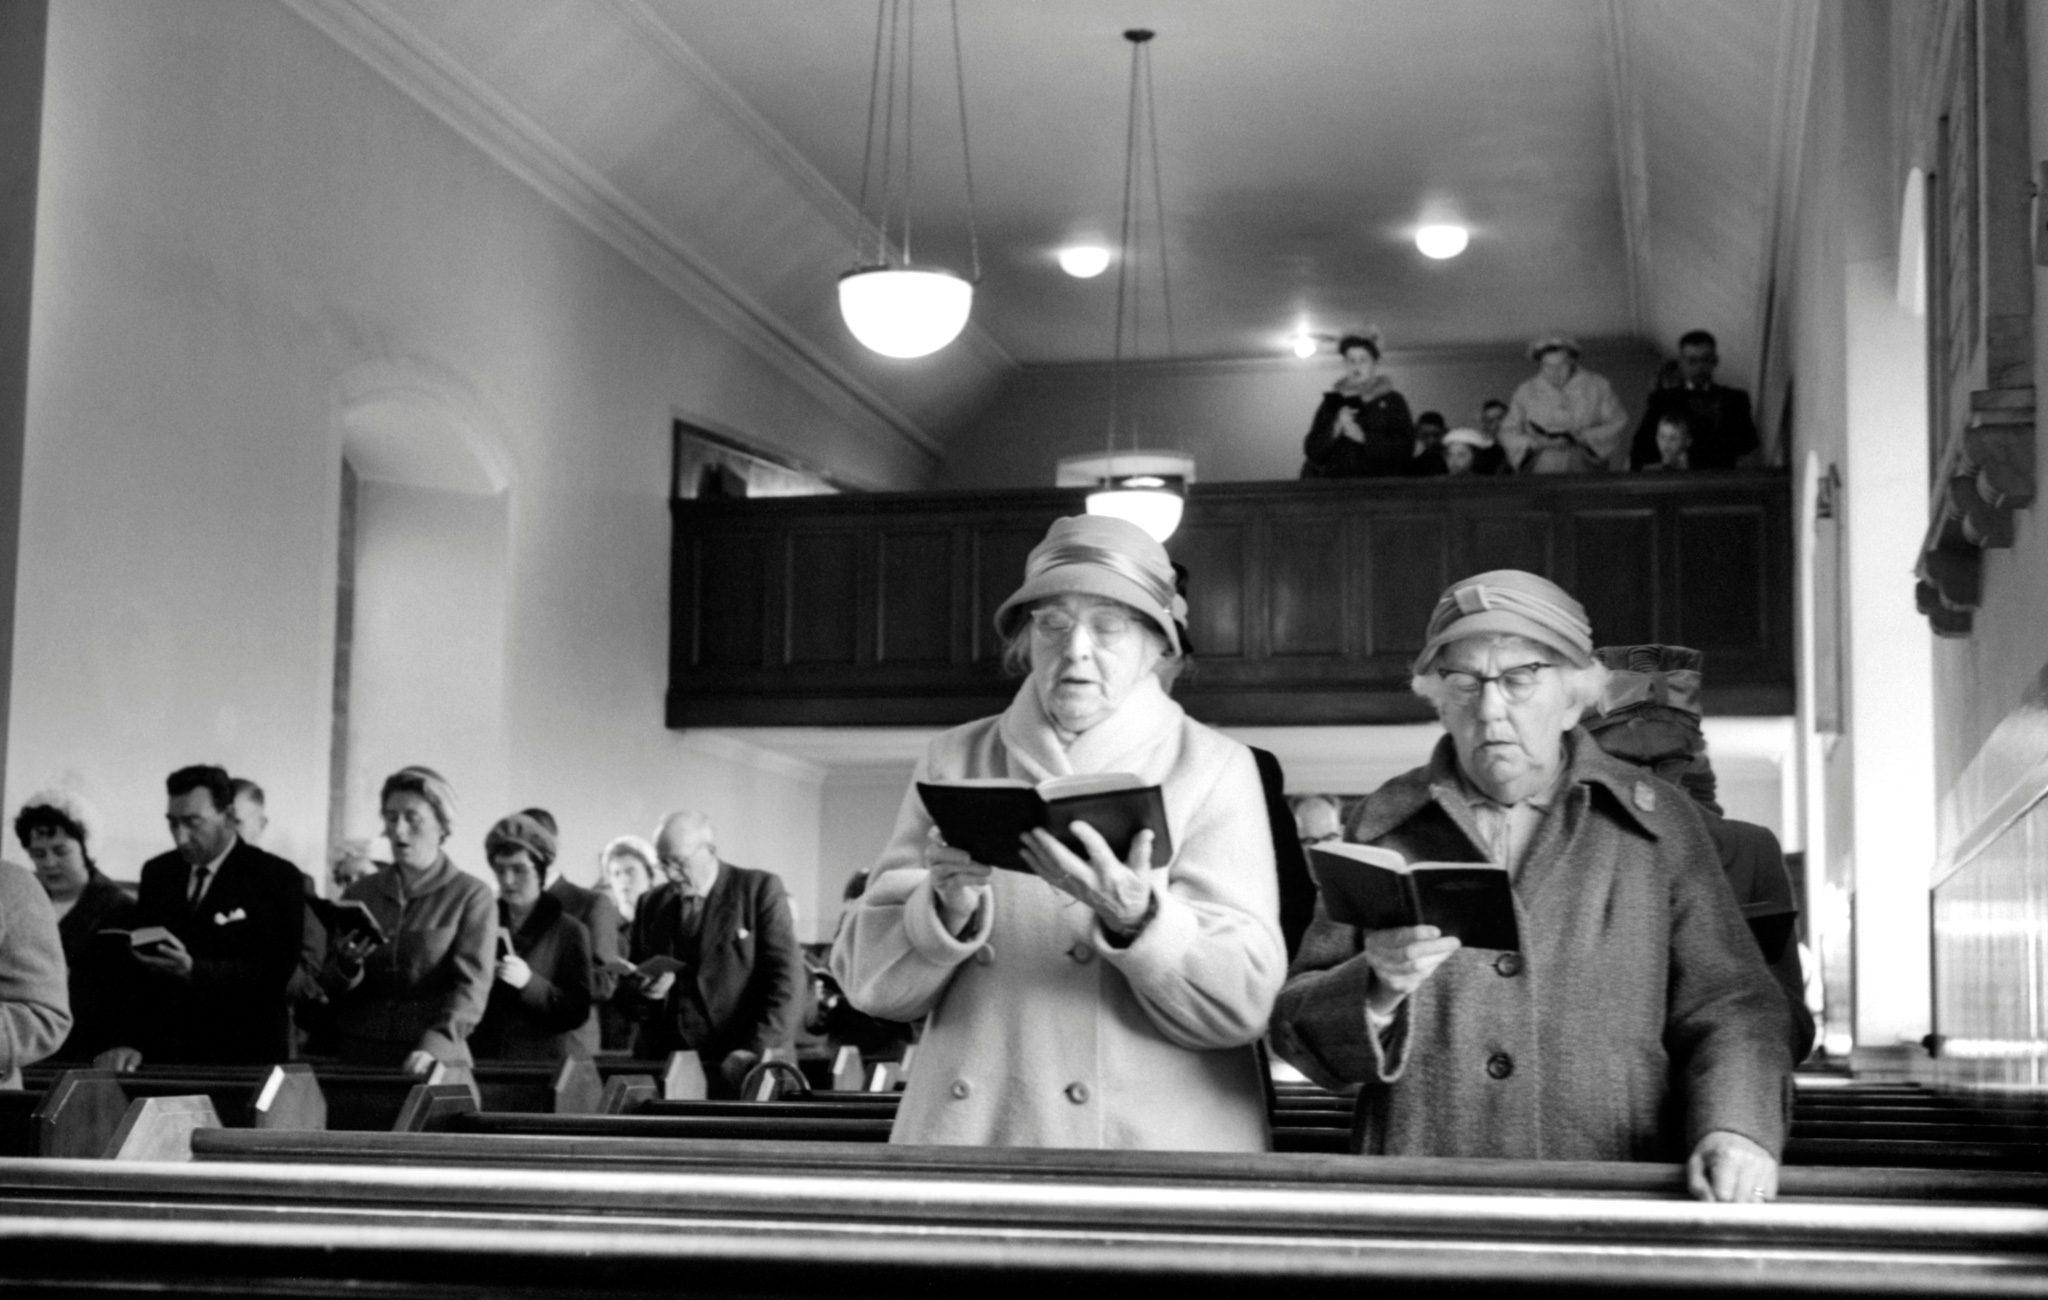 Church hymns